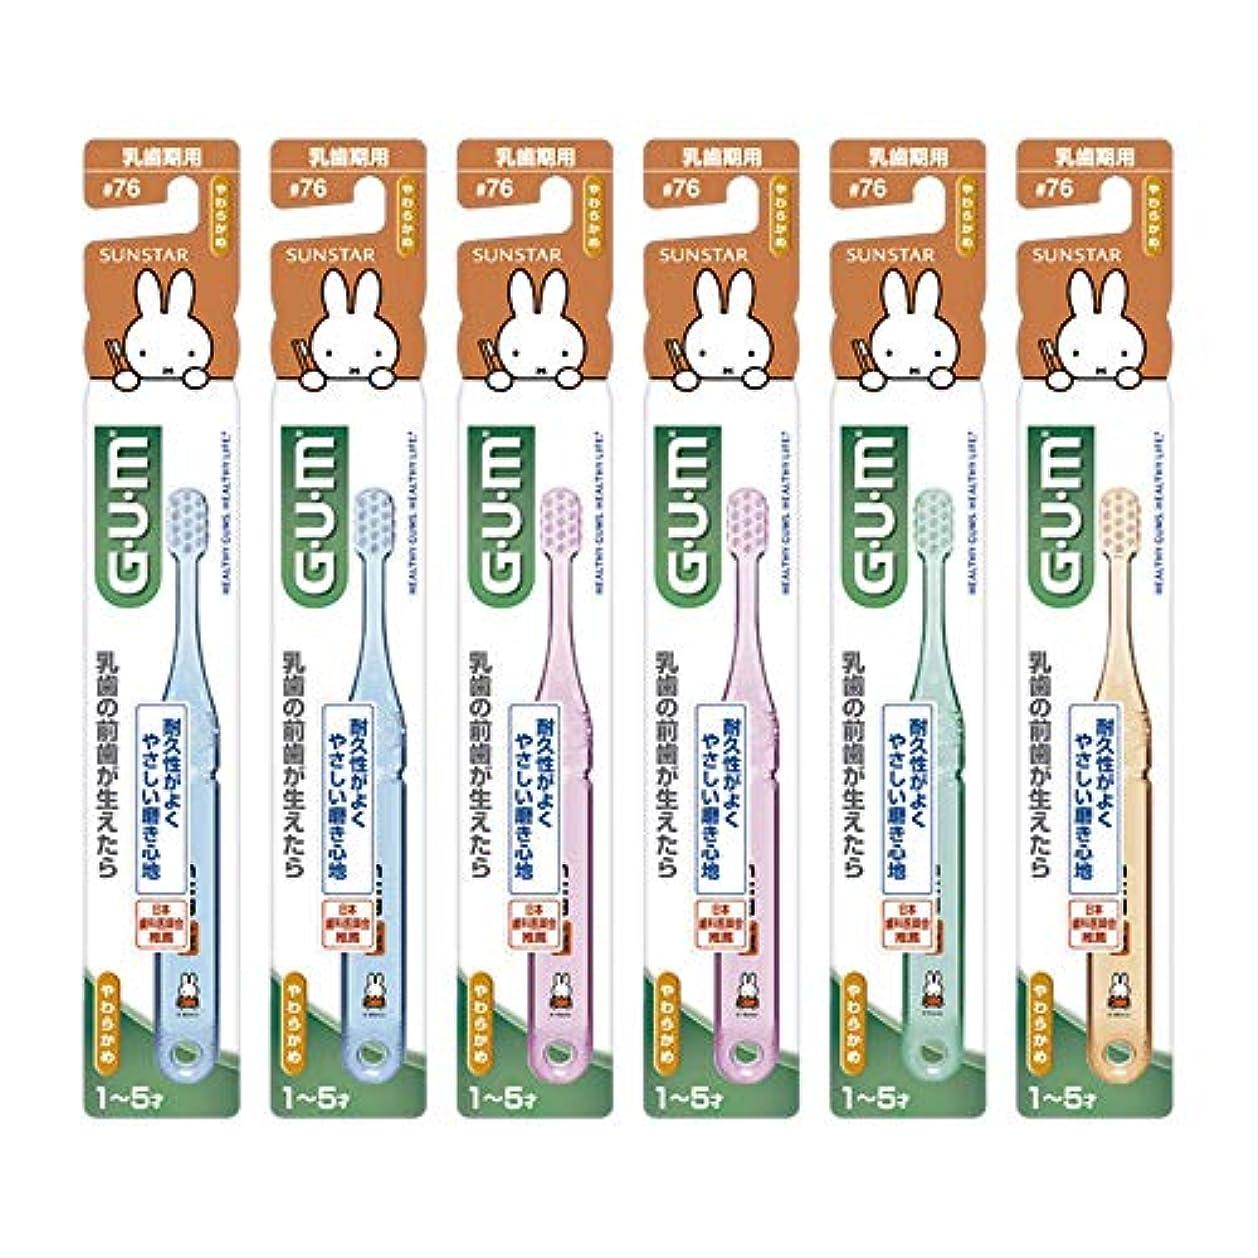 シャベル登録する風GUM(ガム) デンタル こども 歯ブラシ #76 [乳歯期用/やわらかめ] 6本パック+ おまけつき【Amazon.co.jp限定】